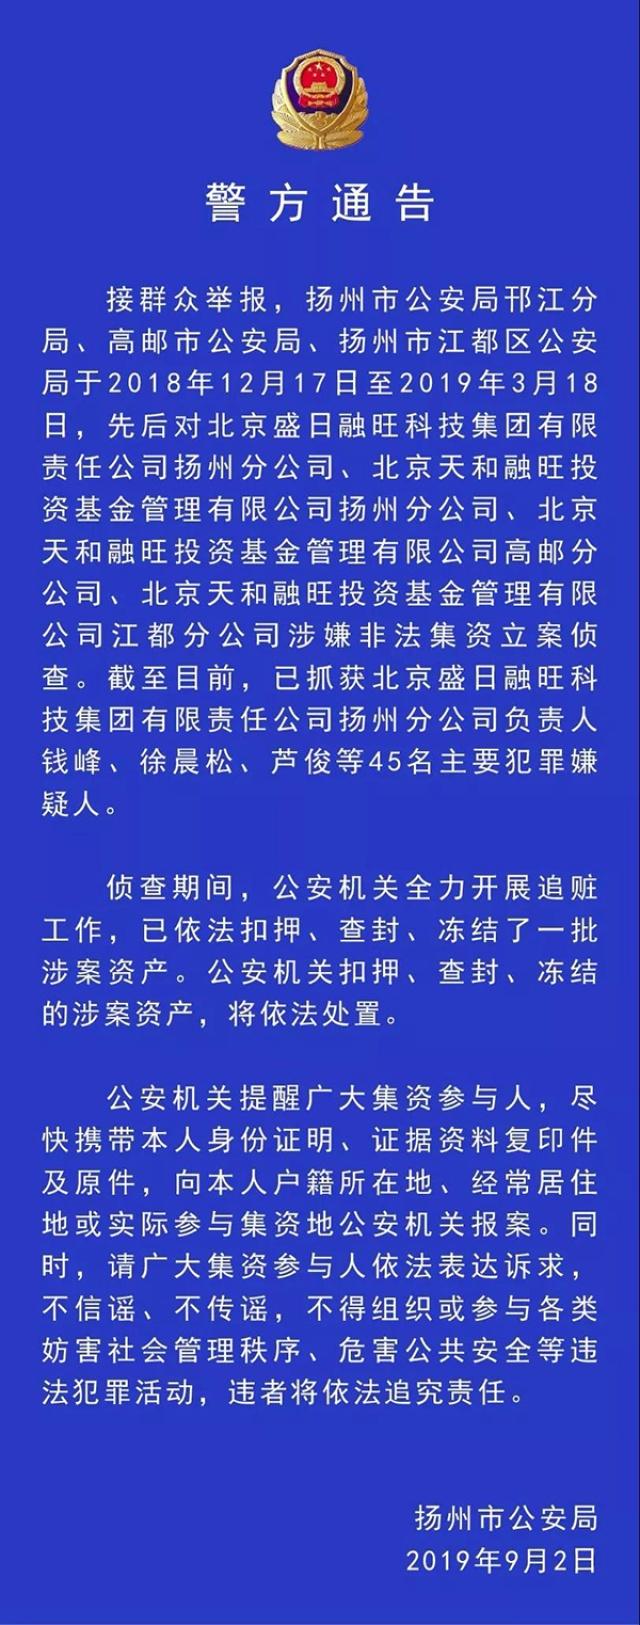 江苏警方通报盛日融旺非法集资案进展 抓获45名嫌犯